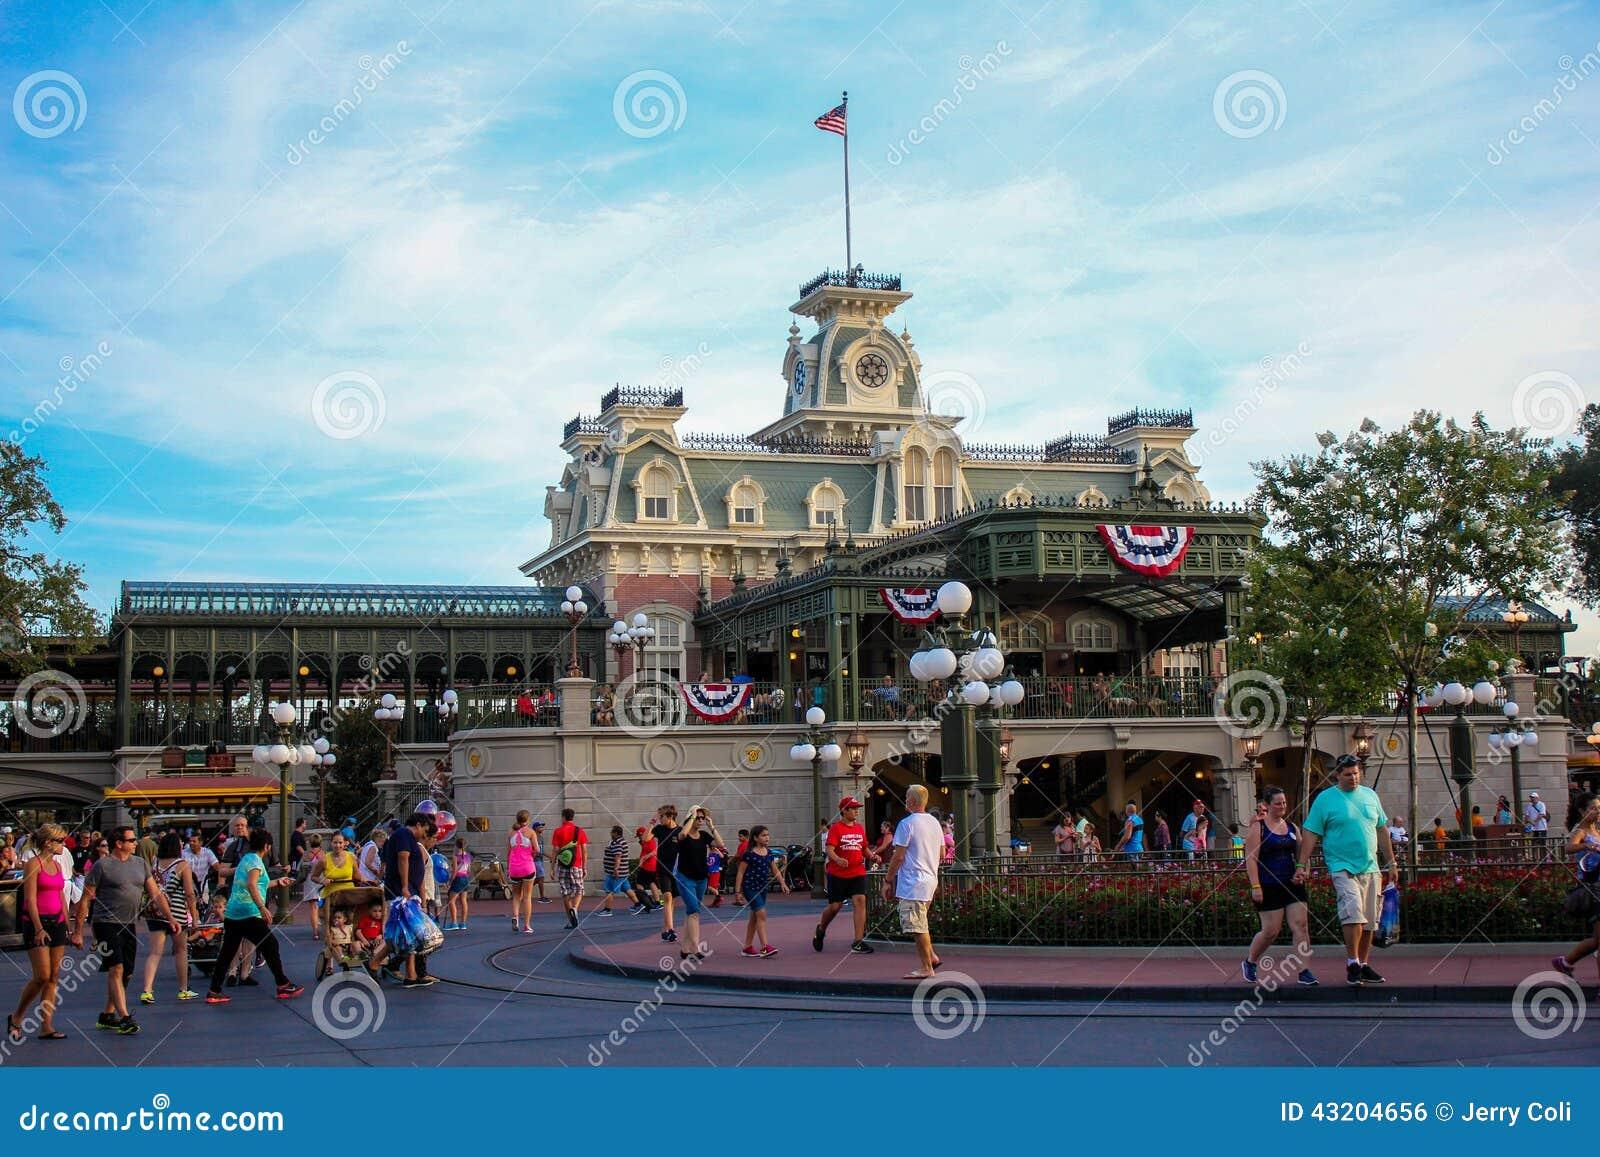 Download Drevstation På Walt Disney World Redaktionell Bild - Bild av orlando, disney: 43204656